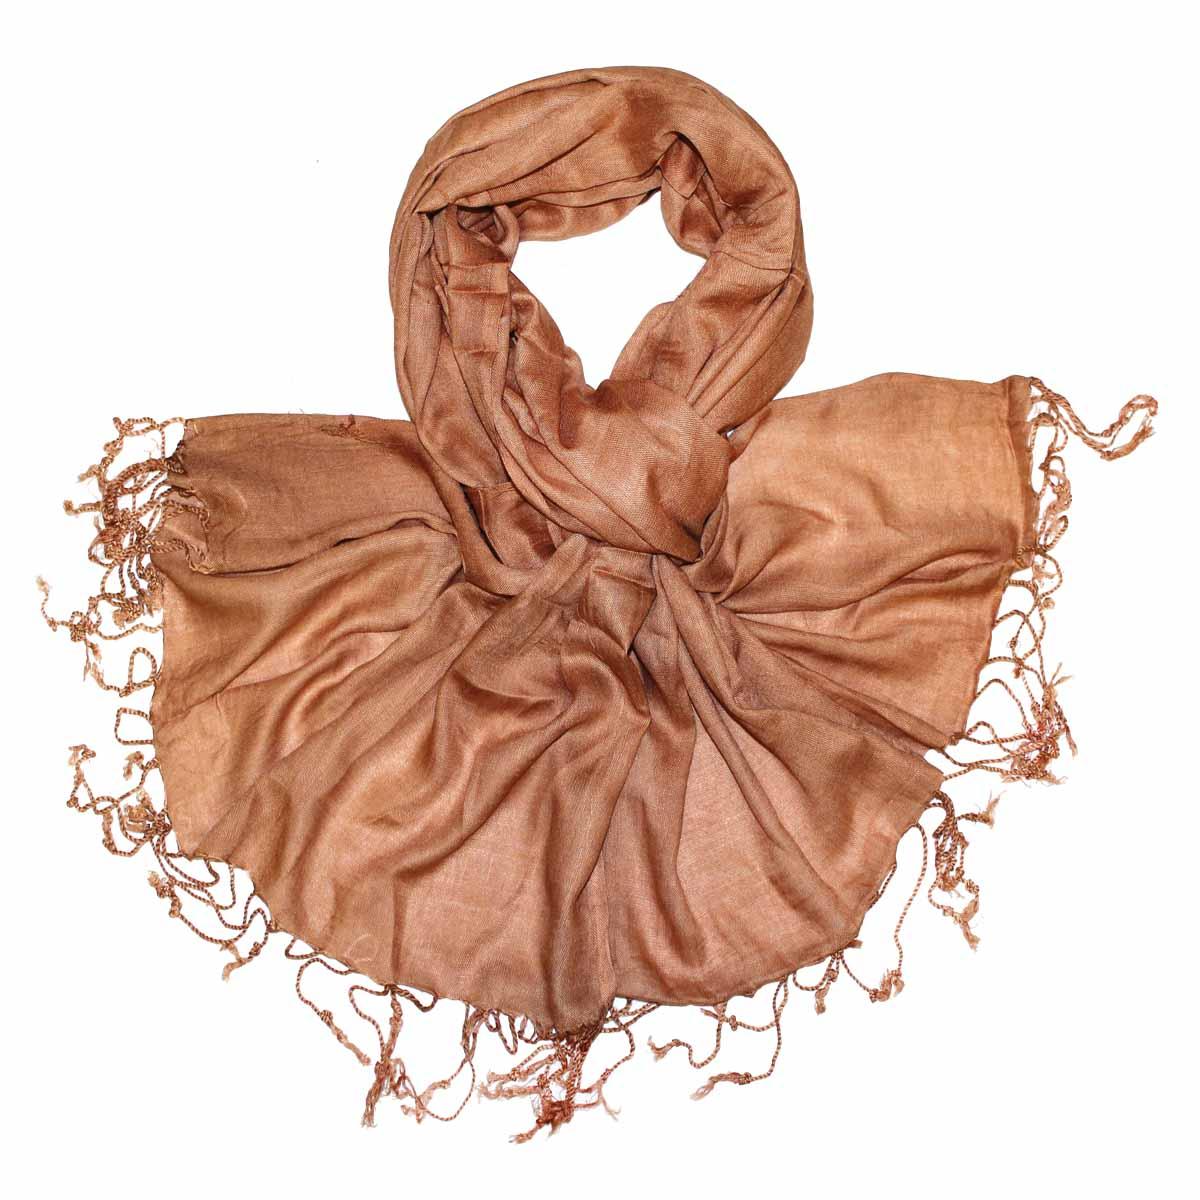 Шарф женский. 626050626050Элегантный шарф из вискозы станет изысканным нарядным аксессуаром, который призван подчеркнуть индивидуальность и очарование женщины. Шарф по краю декорирован кистями. Этот модный аксессуар женского гардероба гармонично дополнит образ современной женщины, следящей за своим имиджем и стремящейся всегда оставаться стильной и элегантной. В этом шарфе вы всегда будете выглядеть женственной и привлекательной.